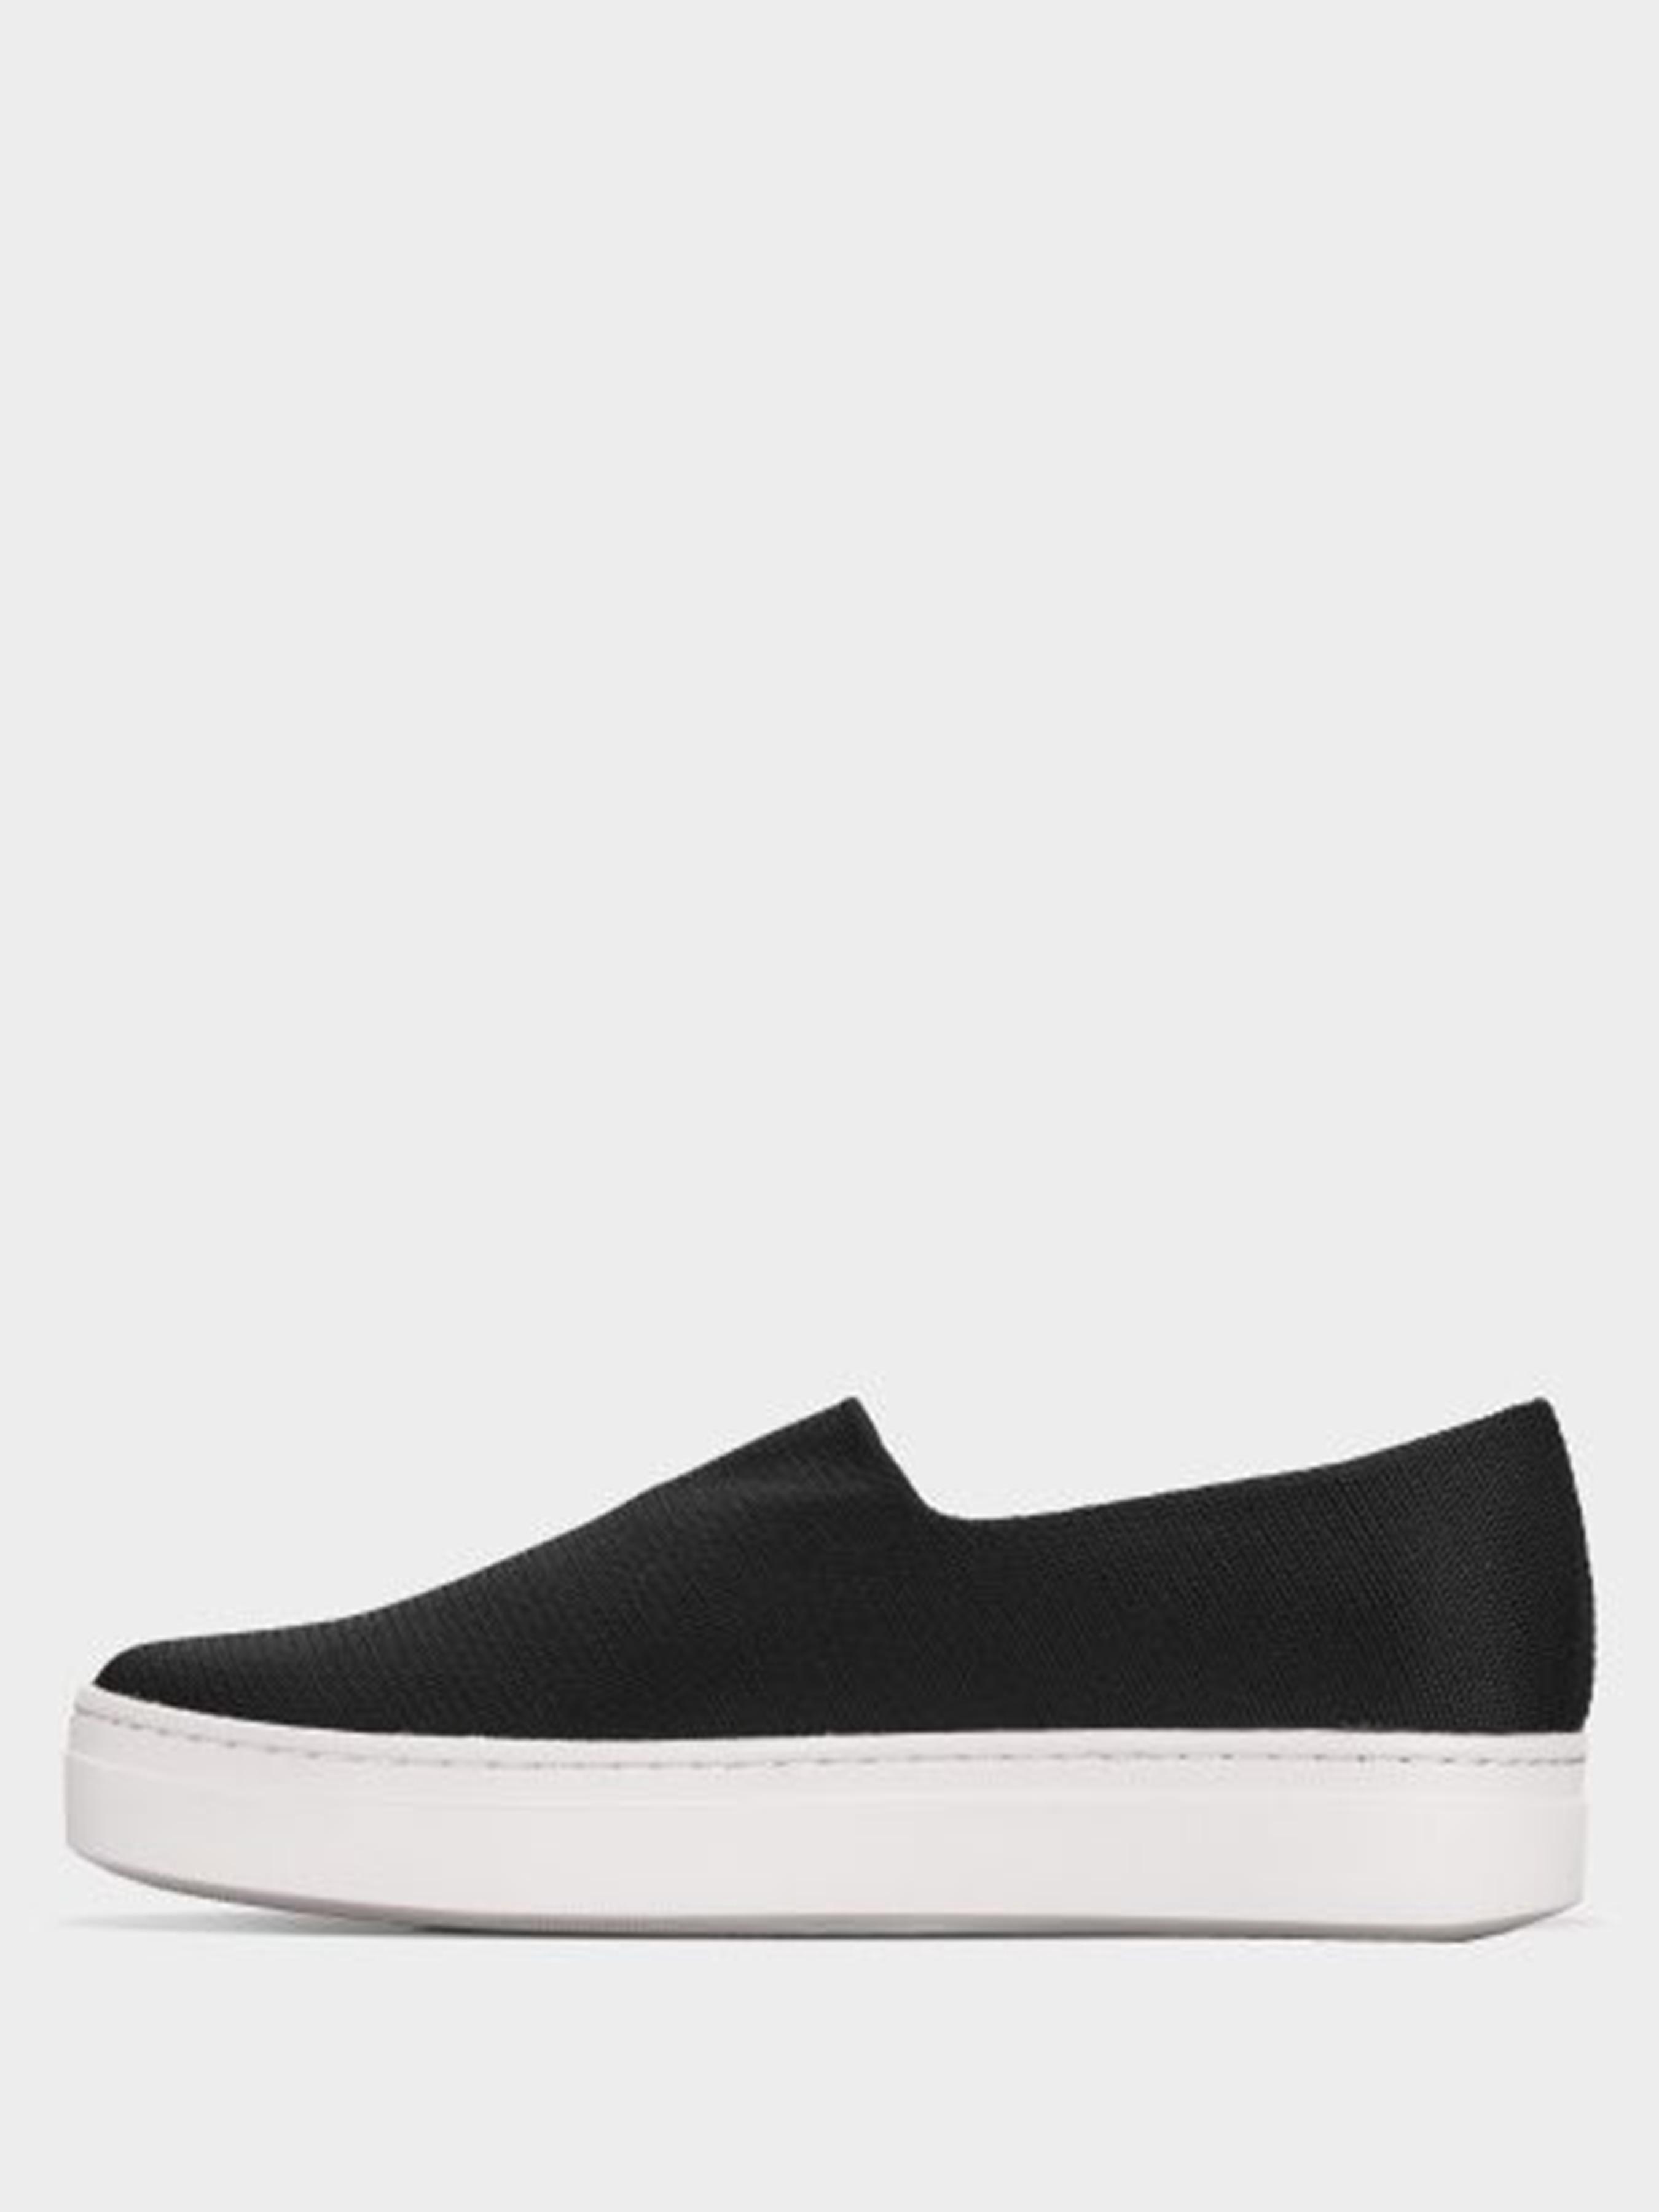 Cлипоны женские VAGABOND CAMILLE VW5441 купить обувь, 2017